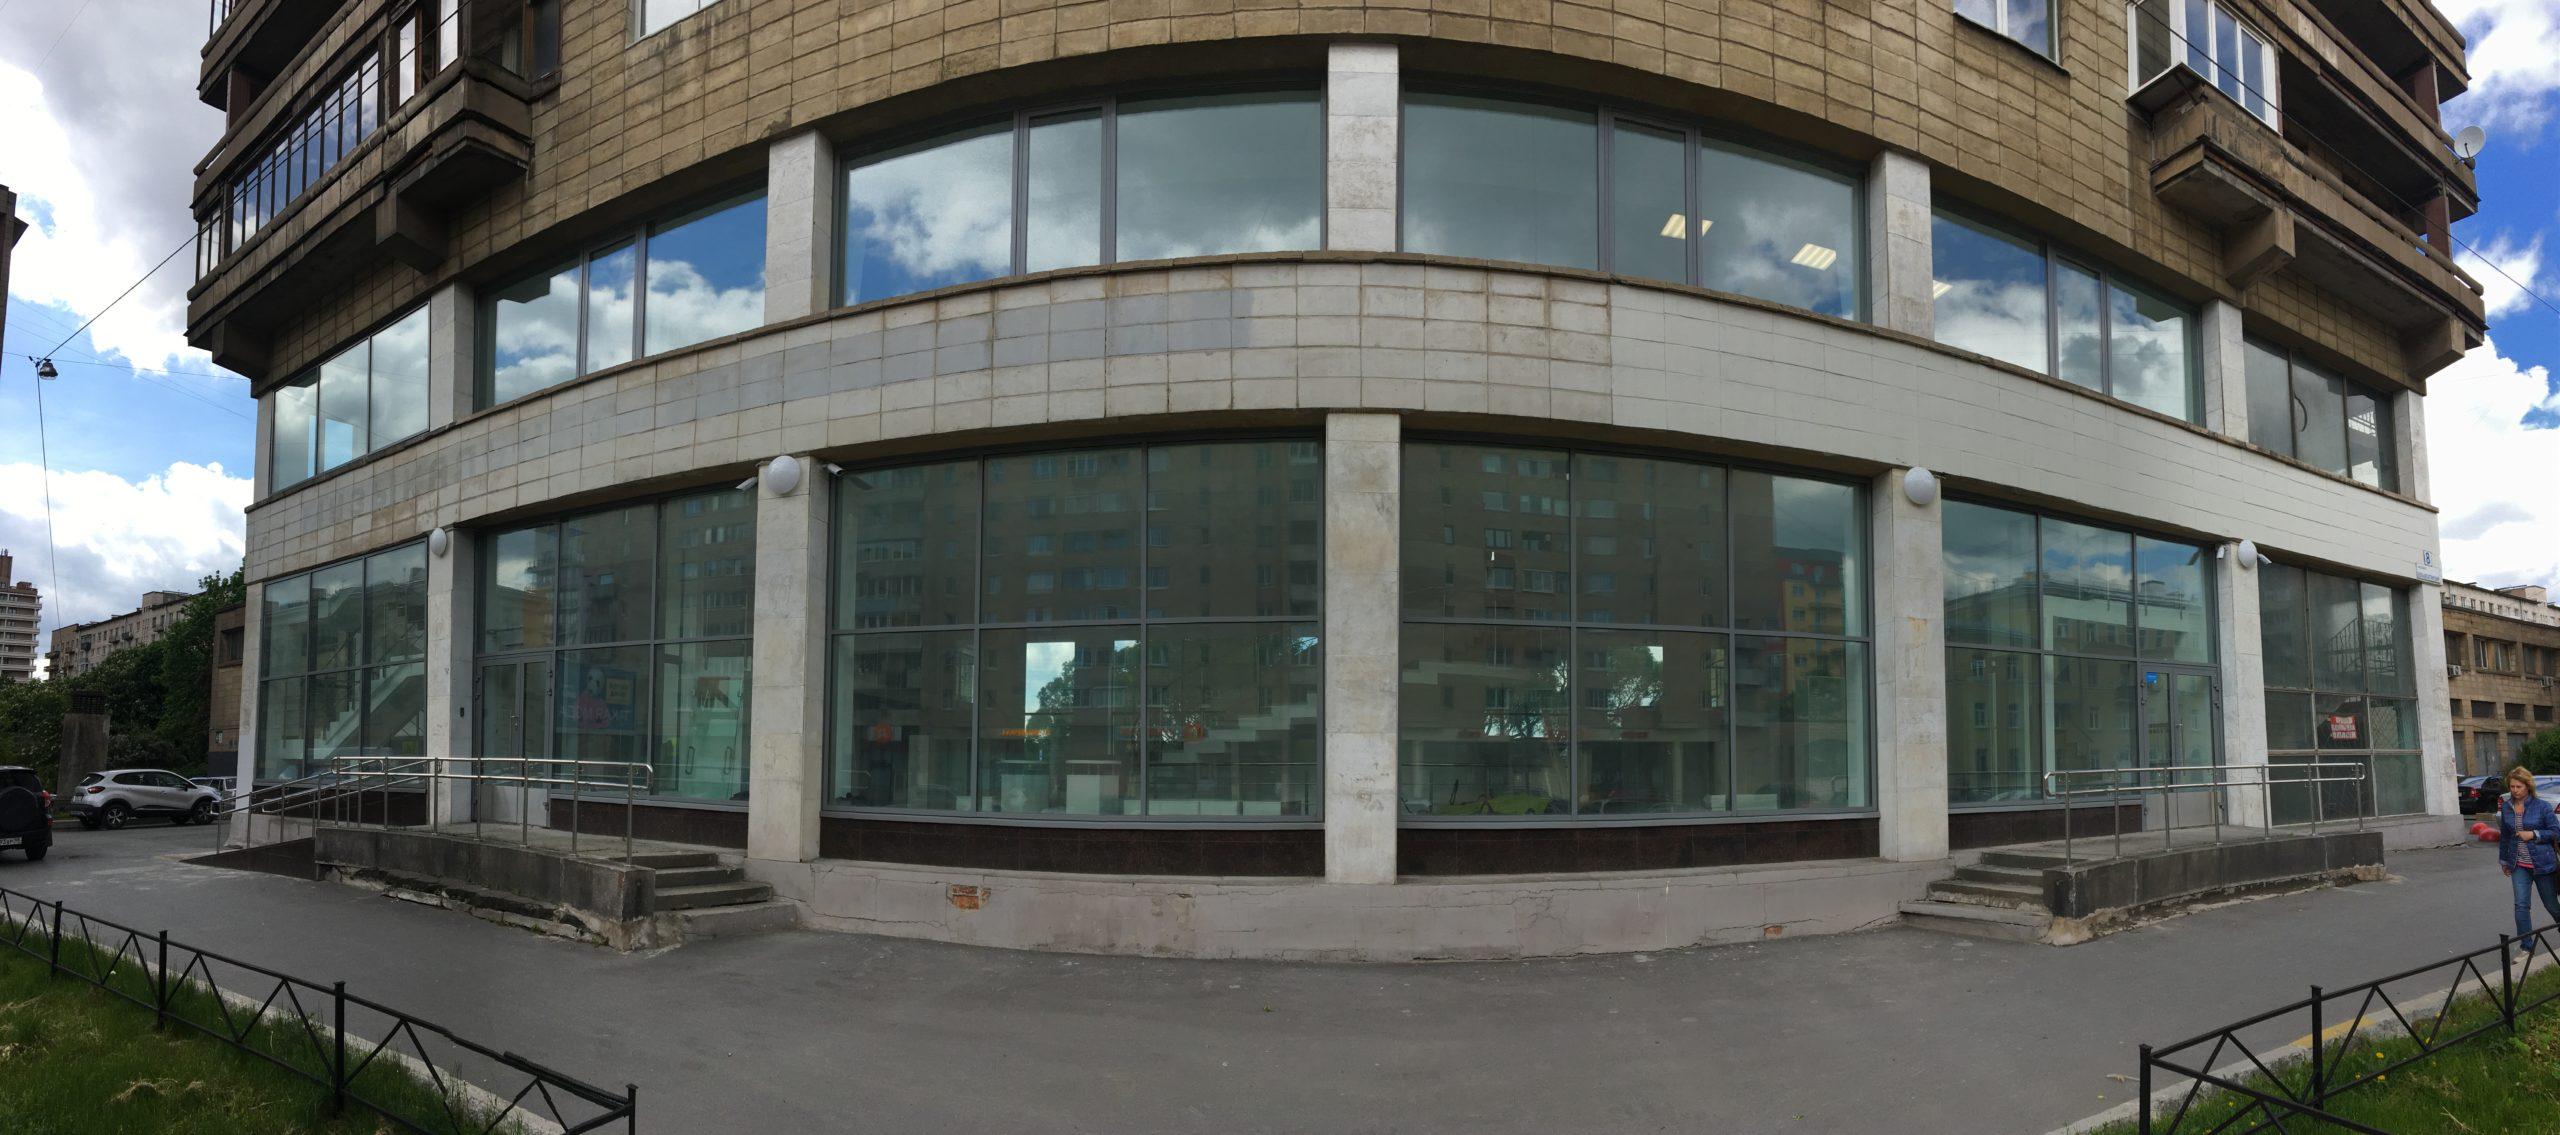 Центральная городская публичная библиотека им. В.В.Маяковского